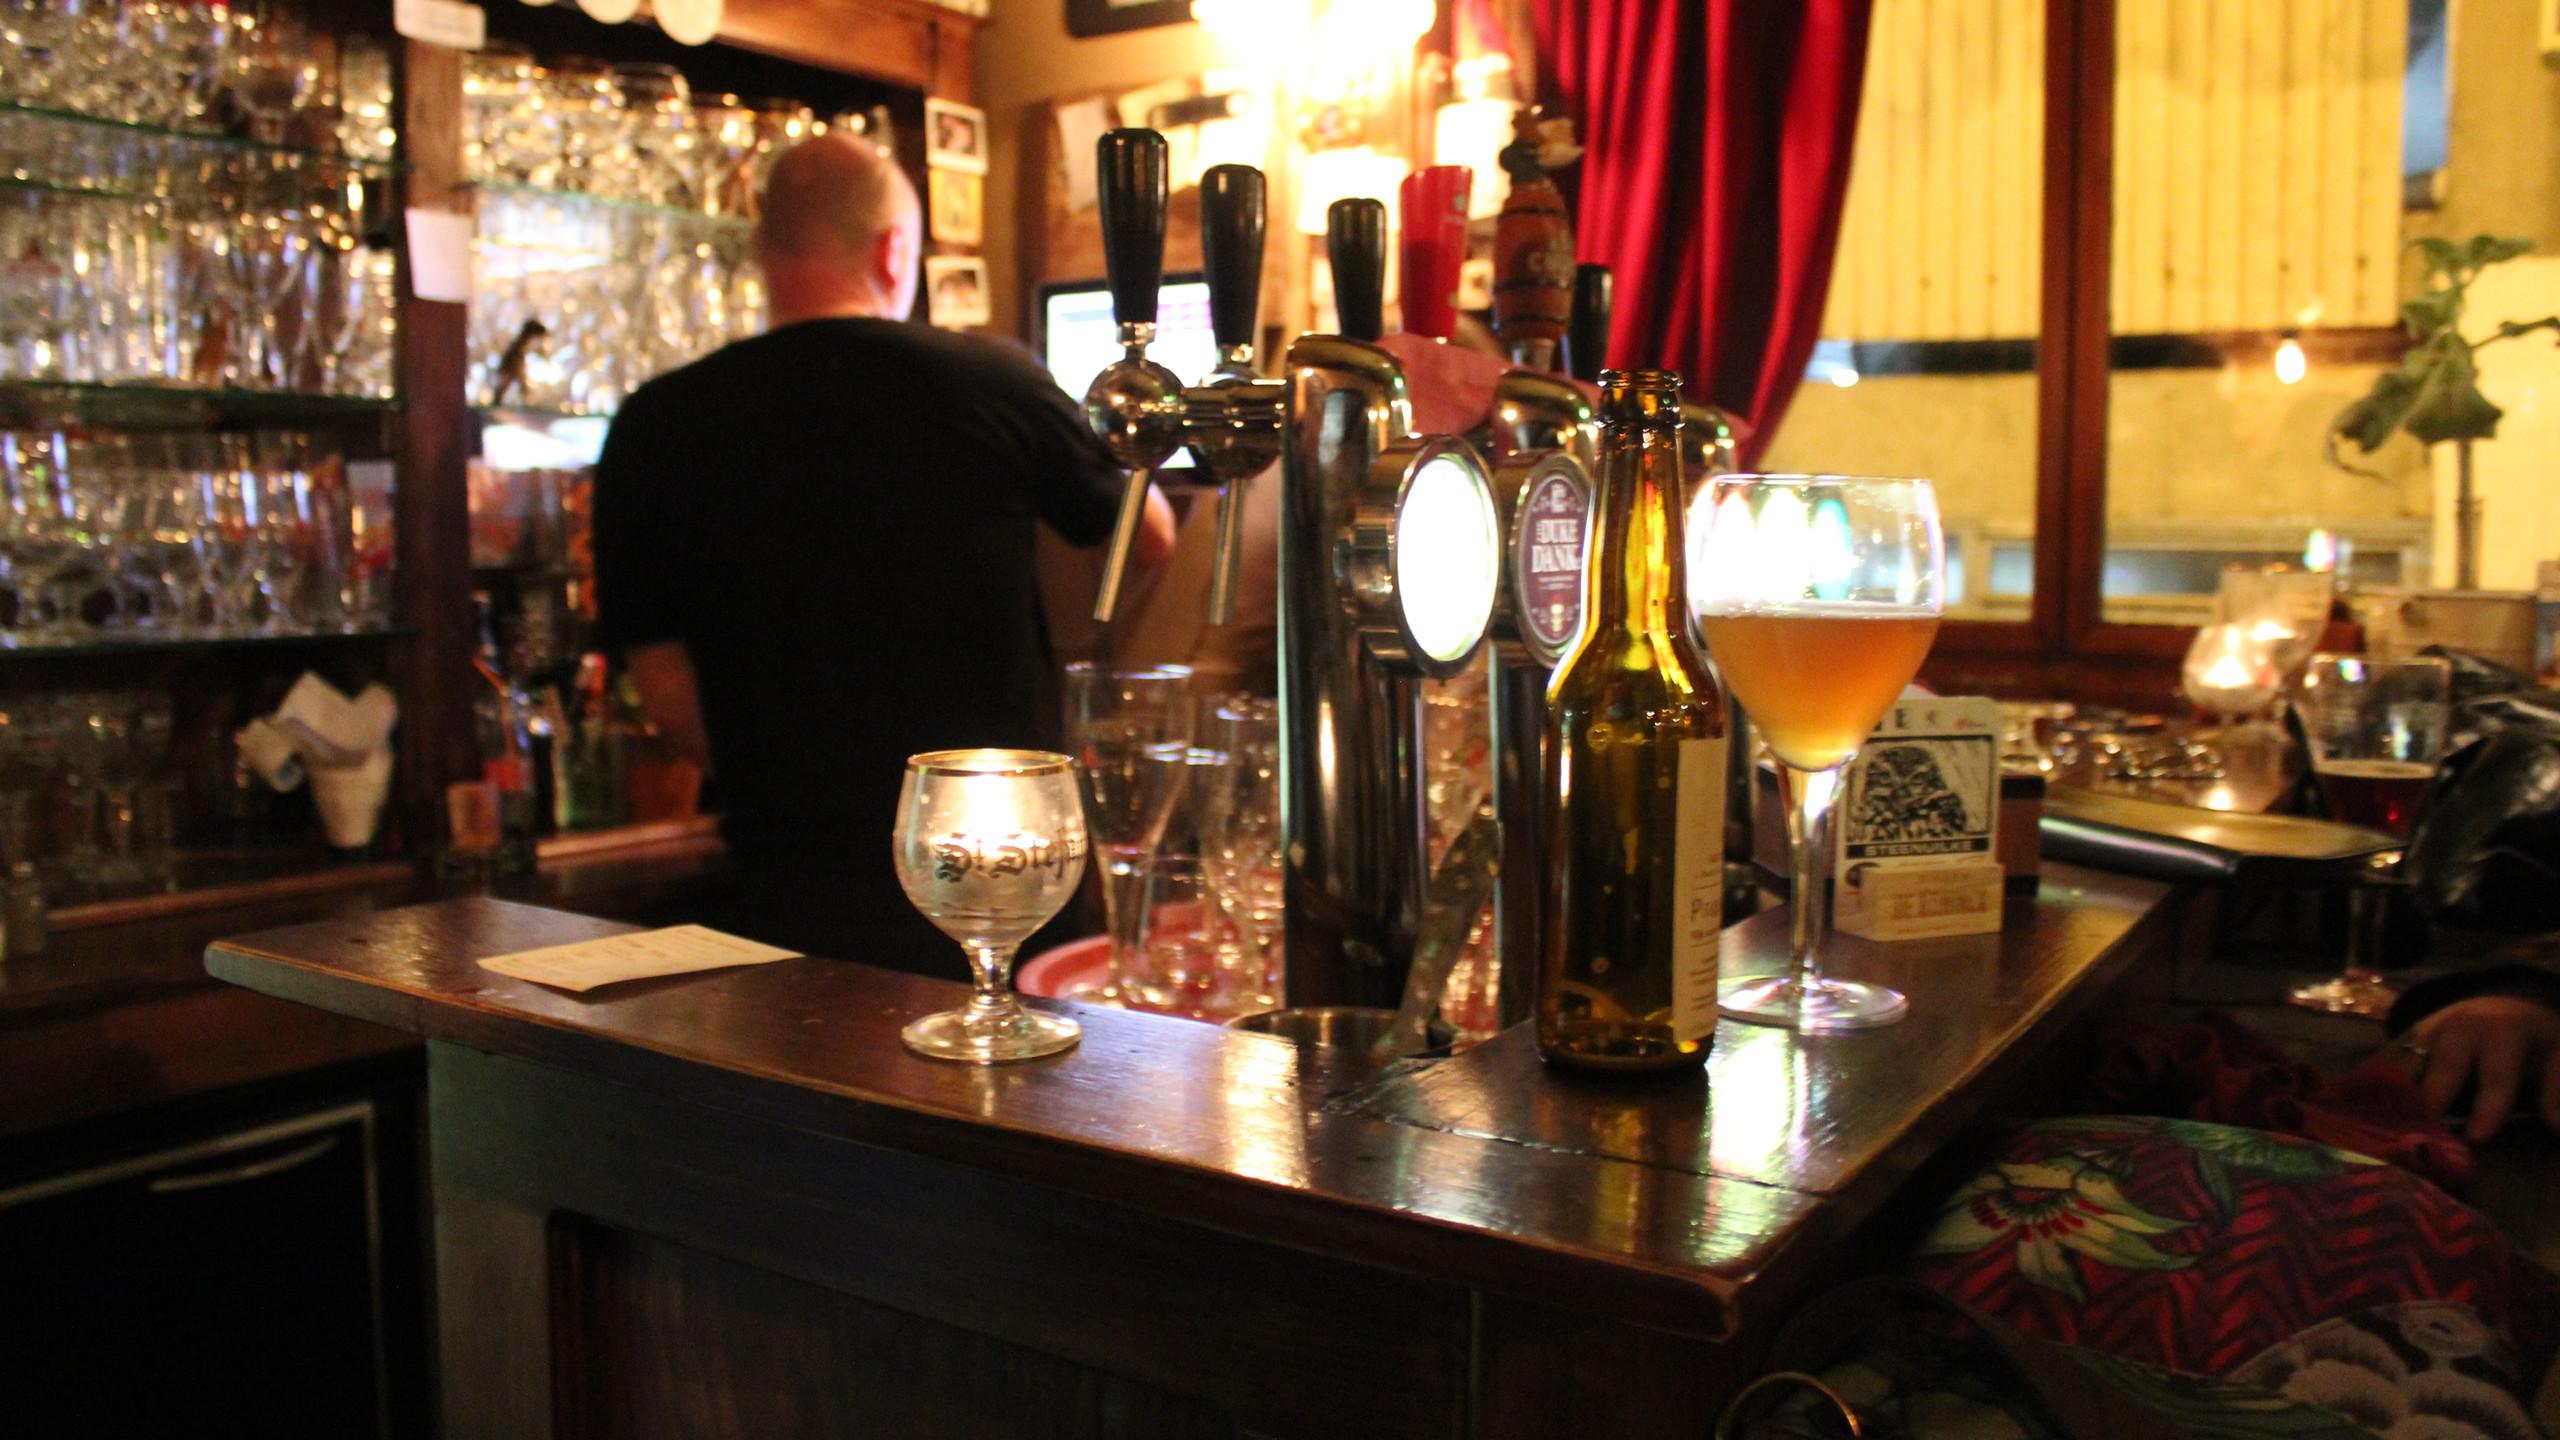 Billie's Bier Kafétaria